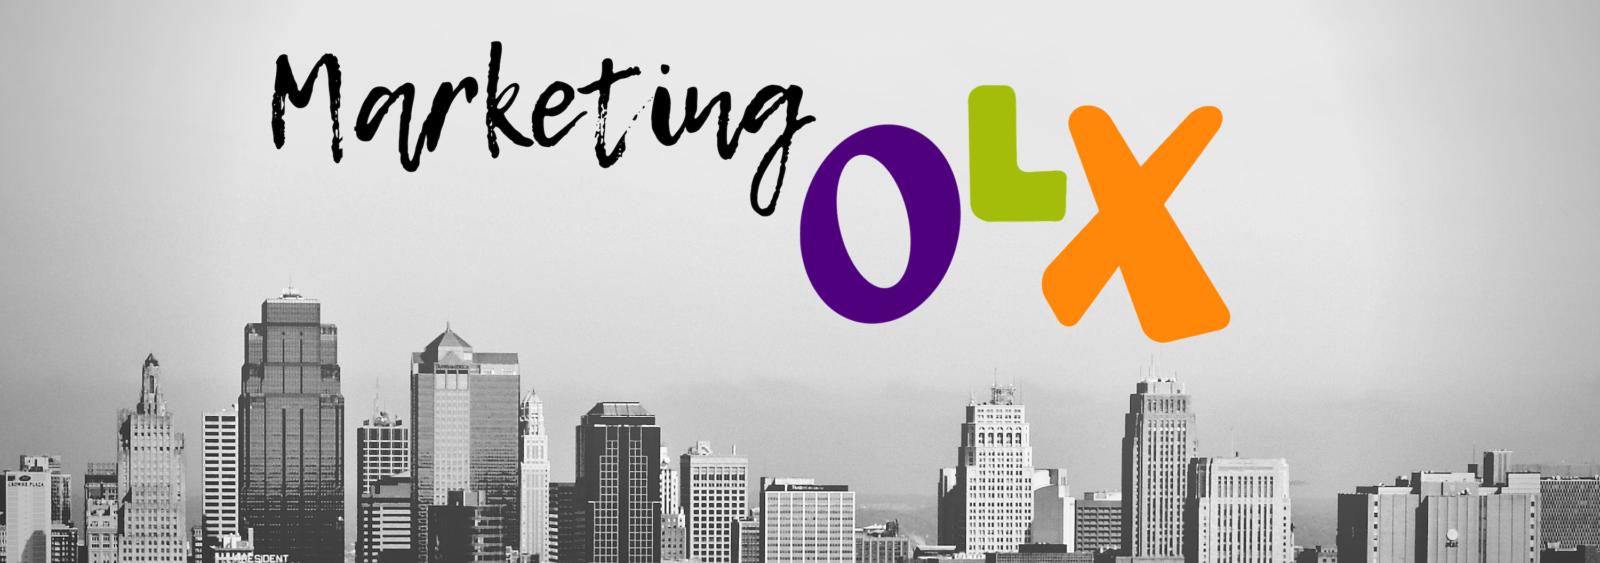 продвижение бизнеса с помощью создания и продвижения магазина OLX